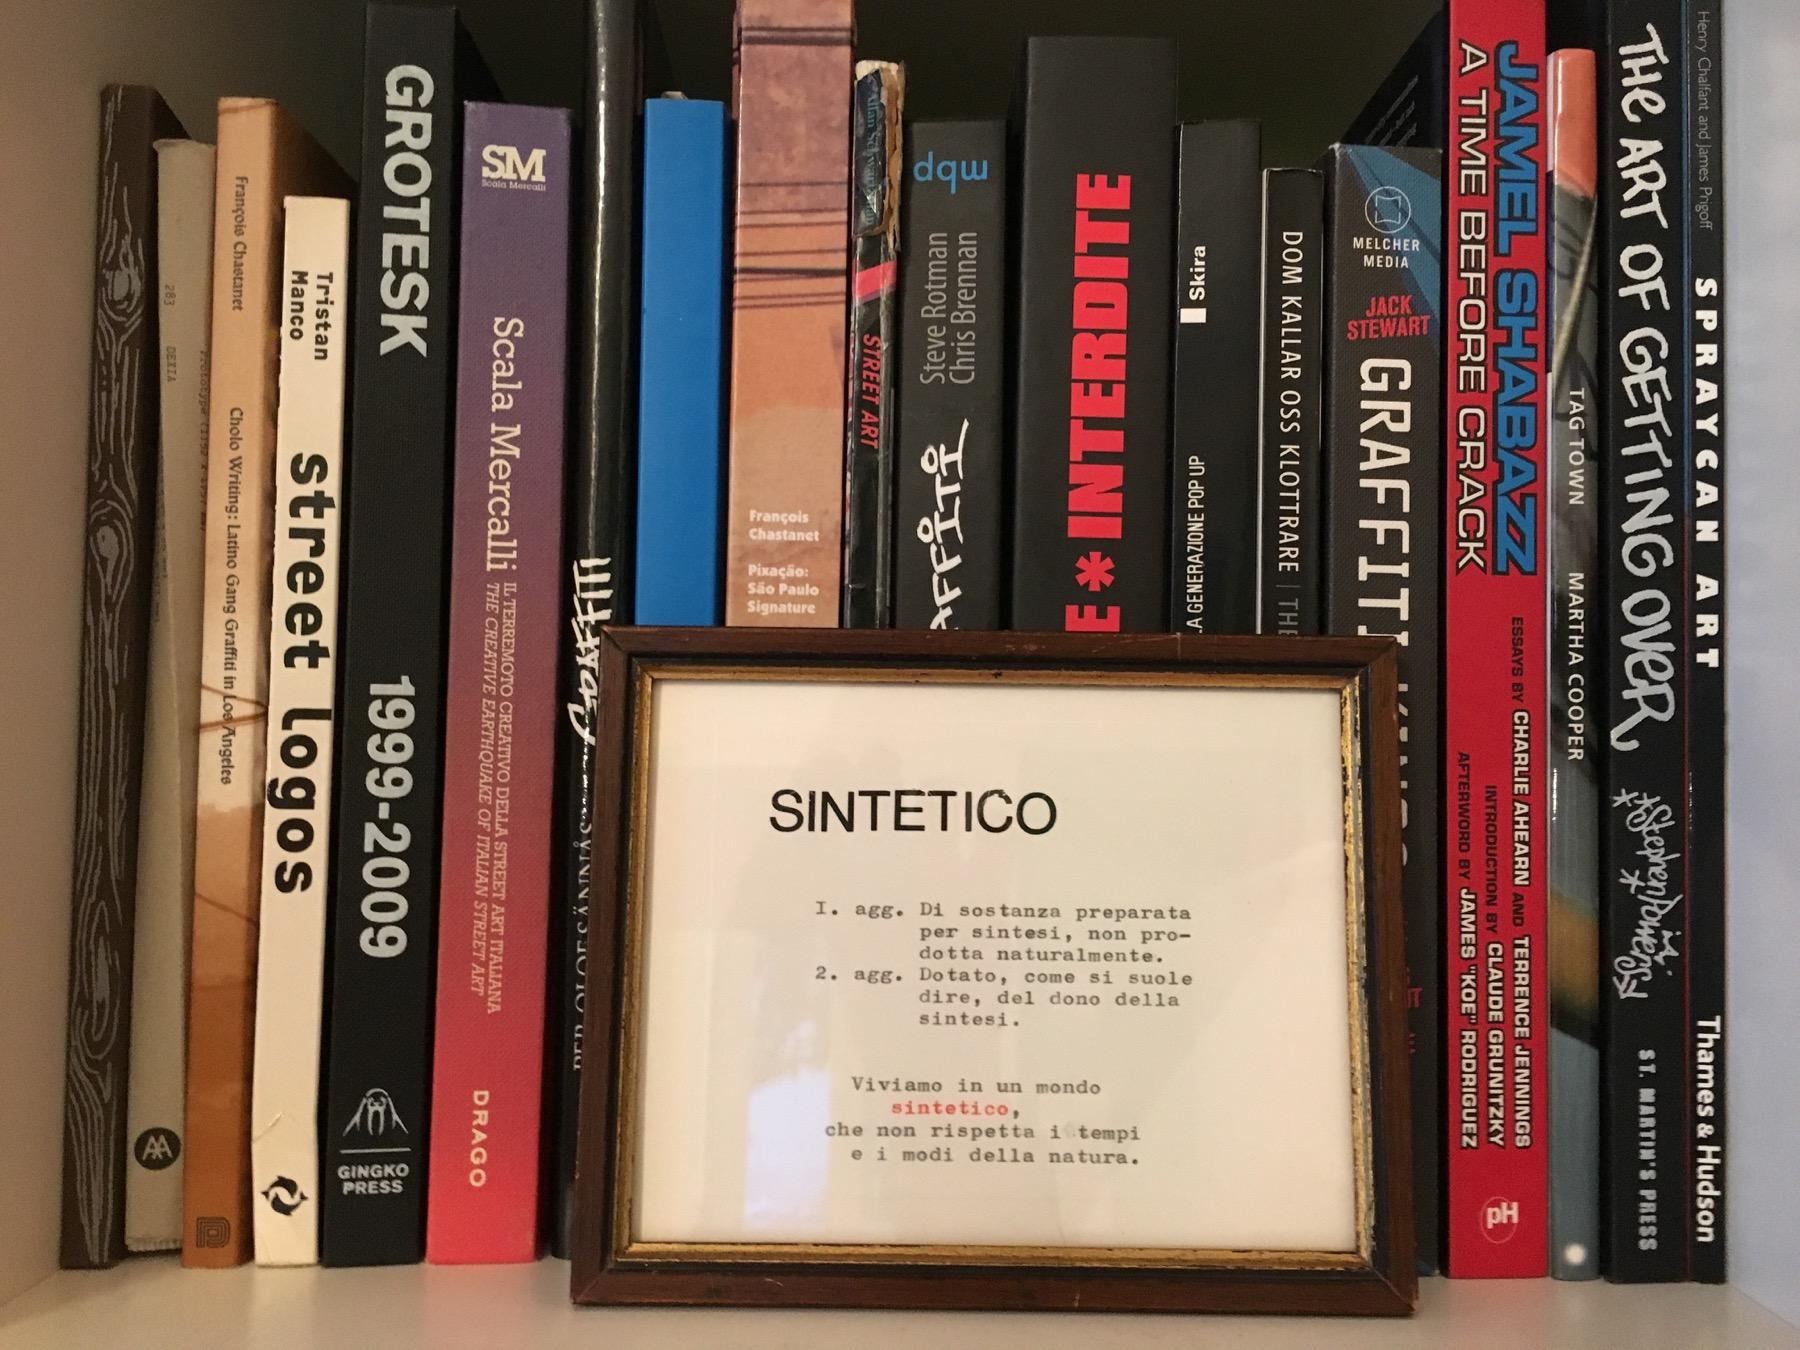 bisticci_sintetico_3